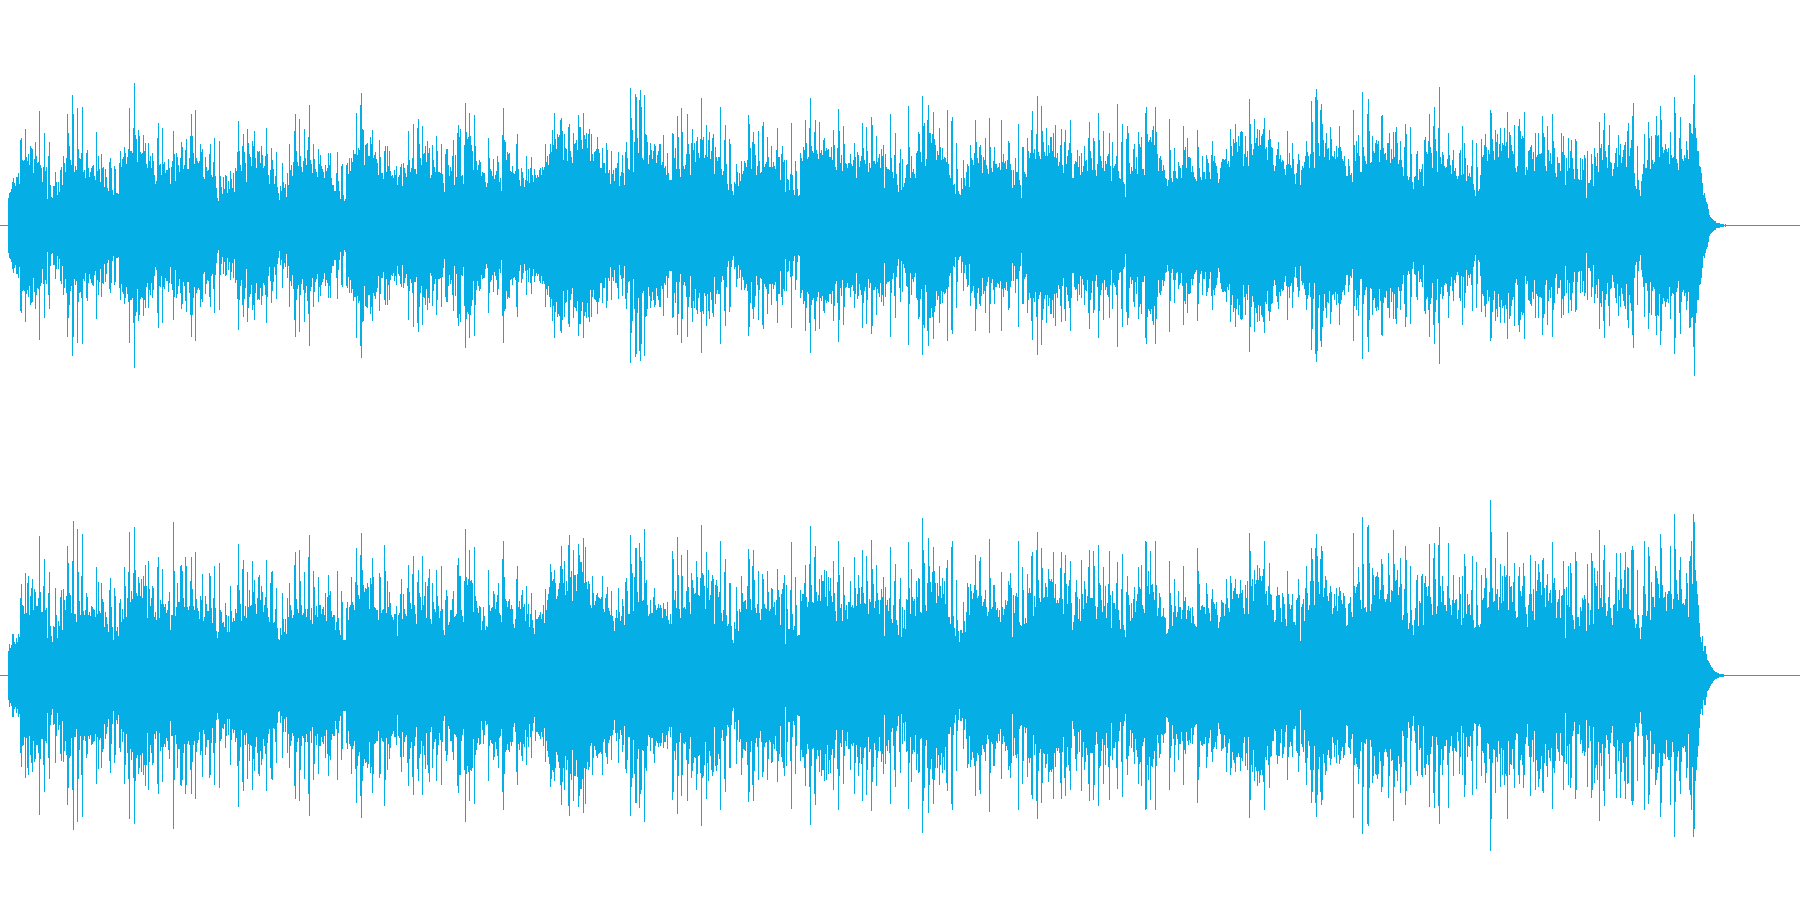 情緒たっぷりの地中海サウンドの再生済みの波形